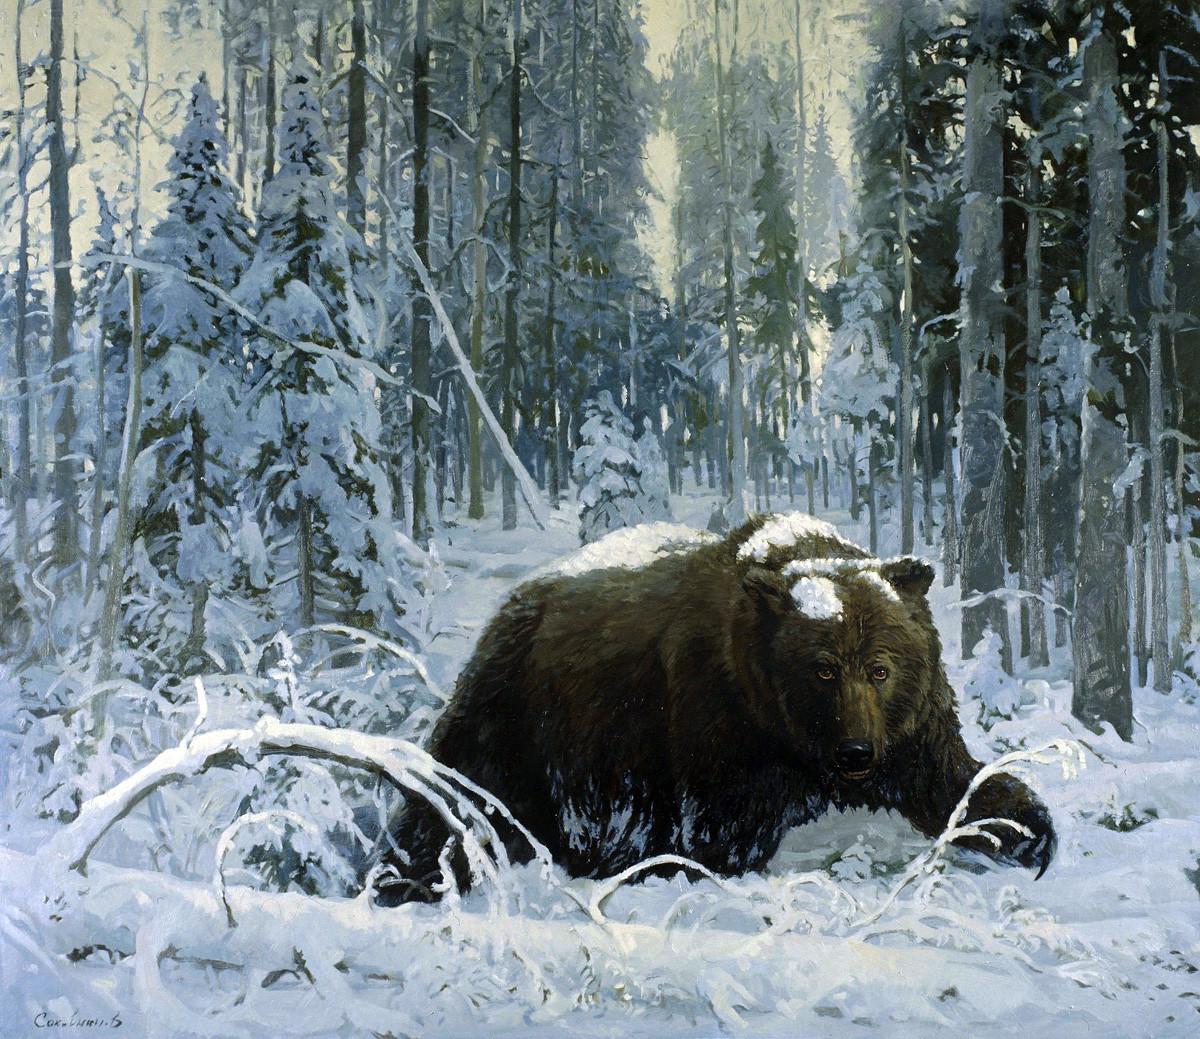 『冬眠用の穴から出てくる熊』ウラジーミル・ソコヴニン